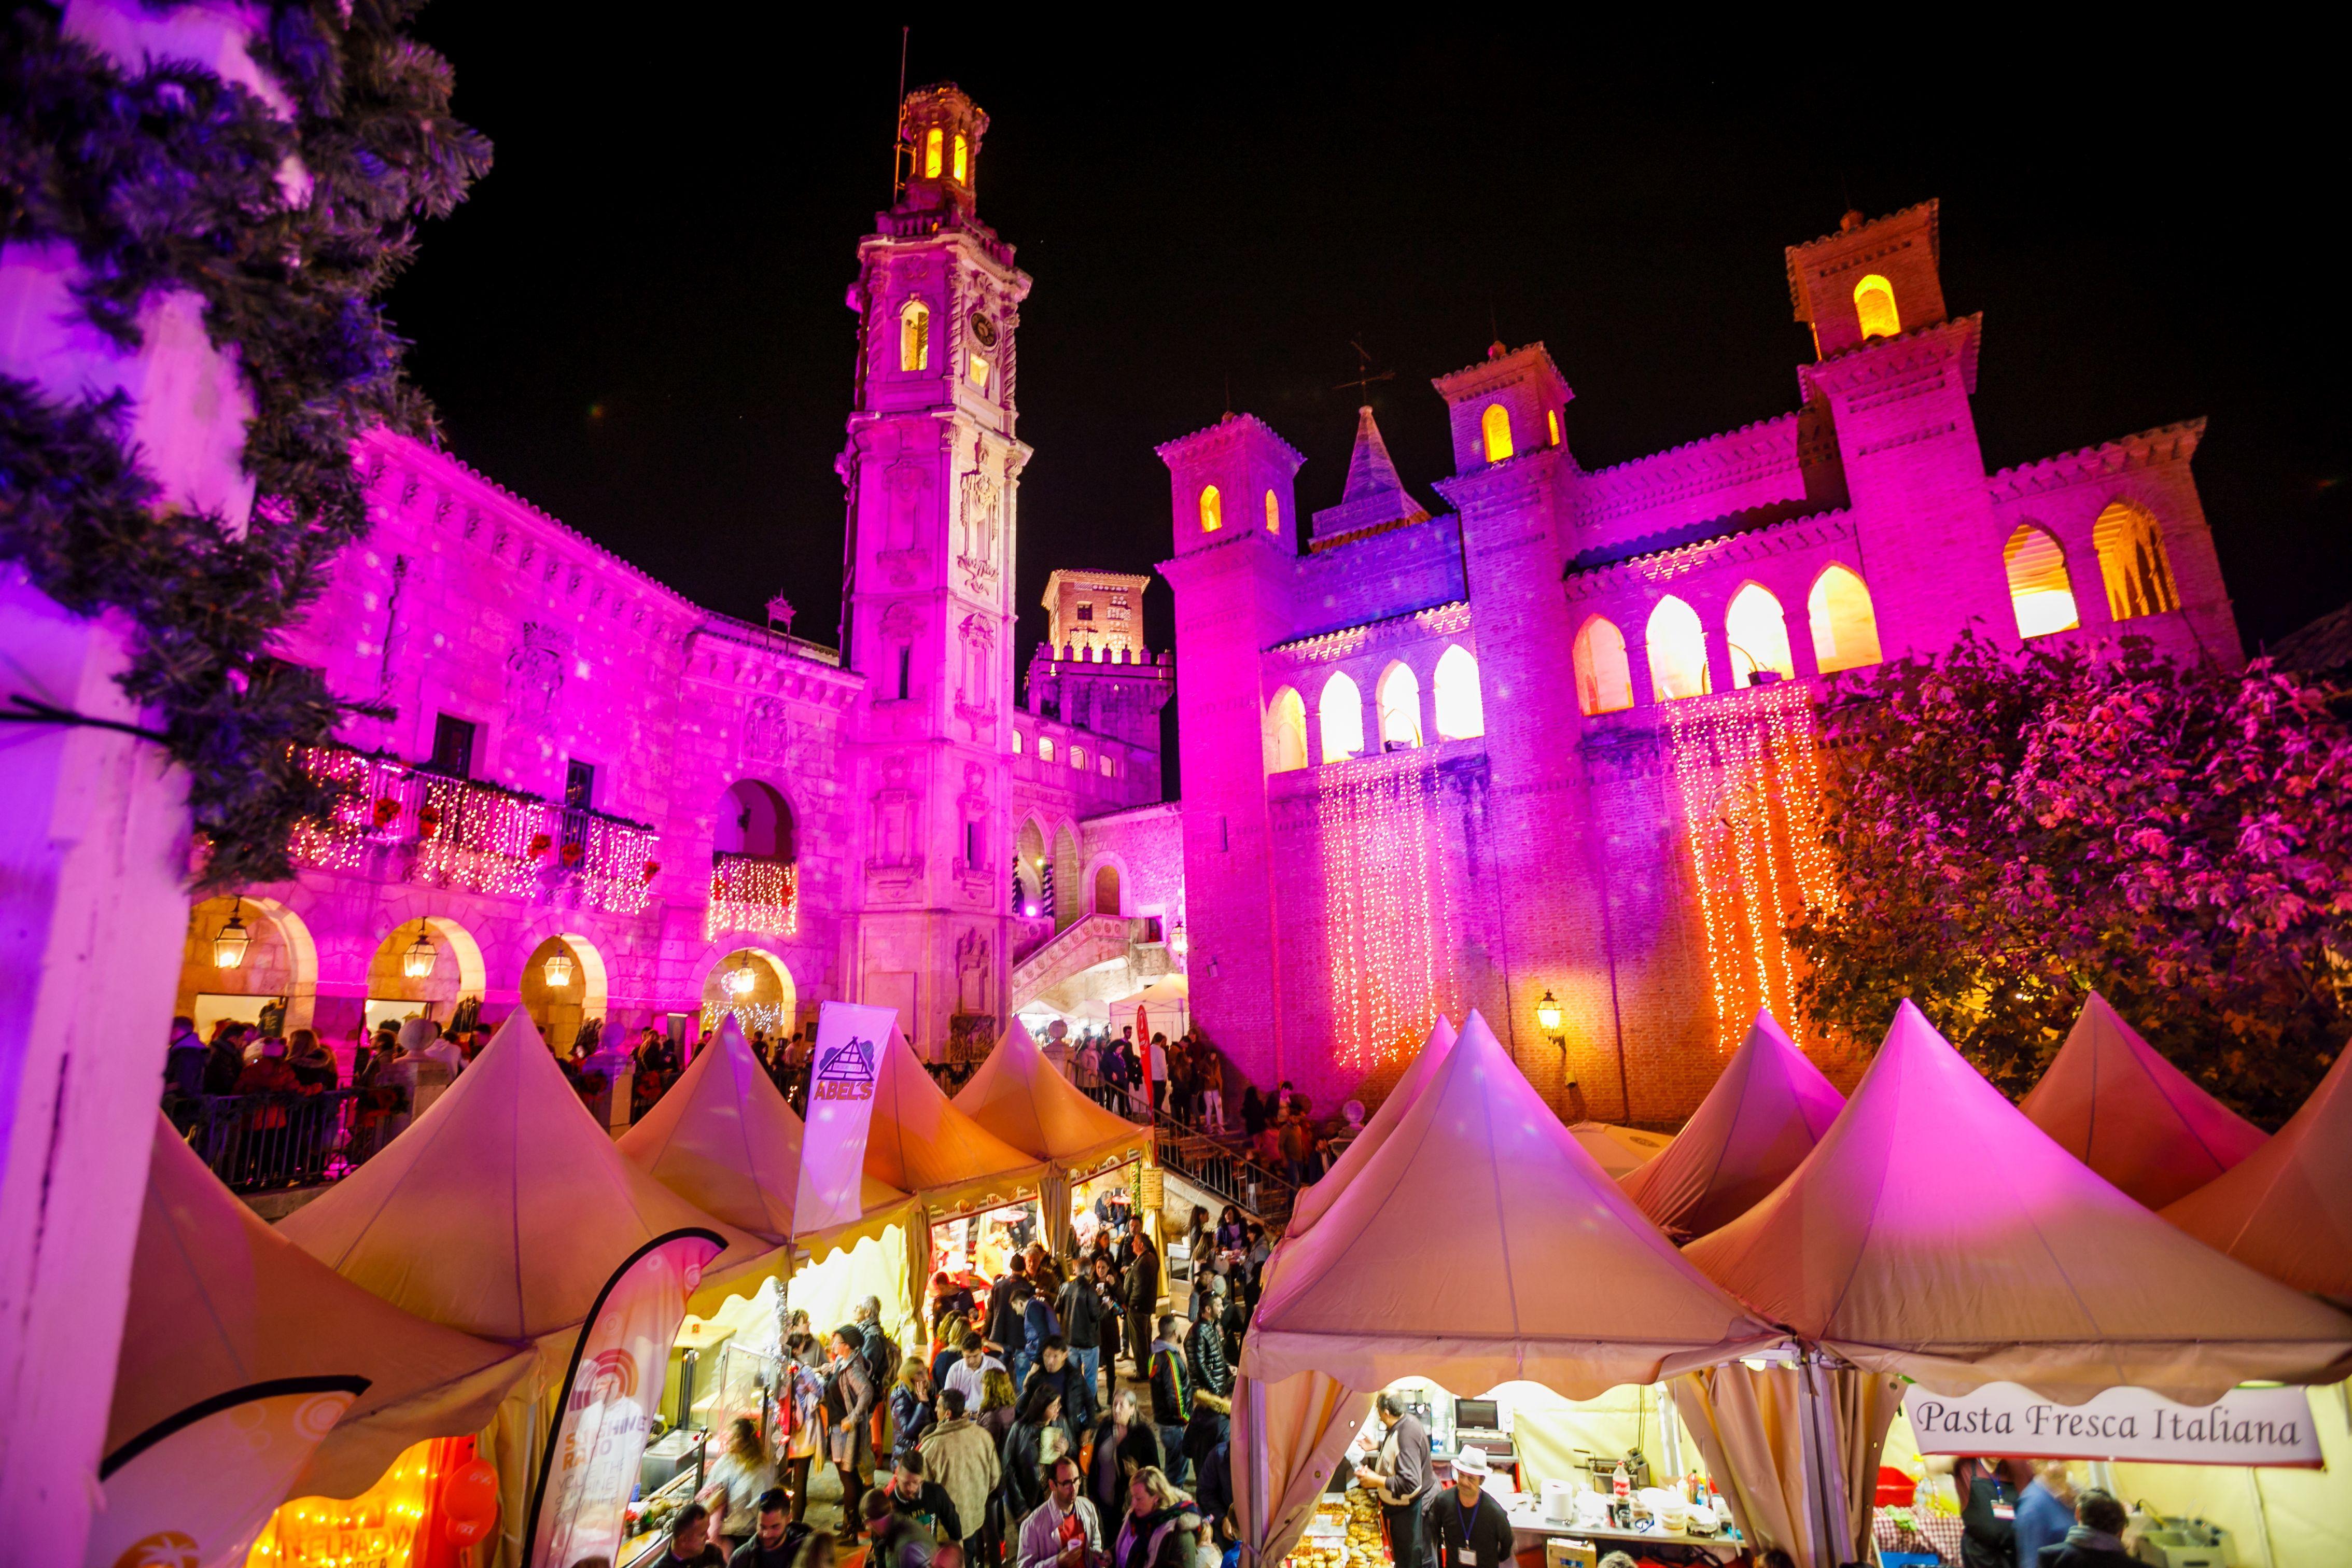 Weihnachtsmärkte_(c)_Pueblo Espanol Mallorca